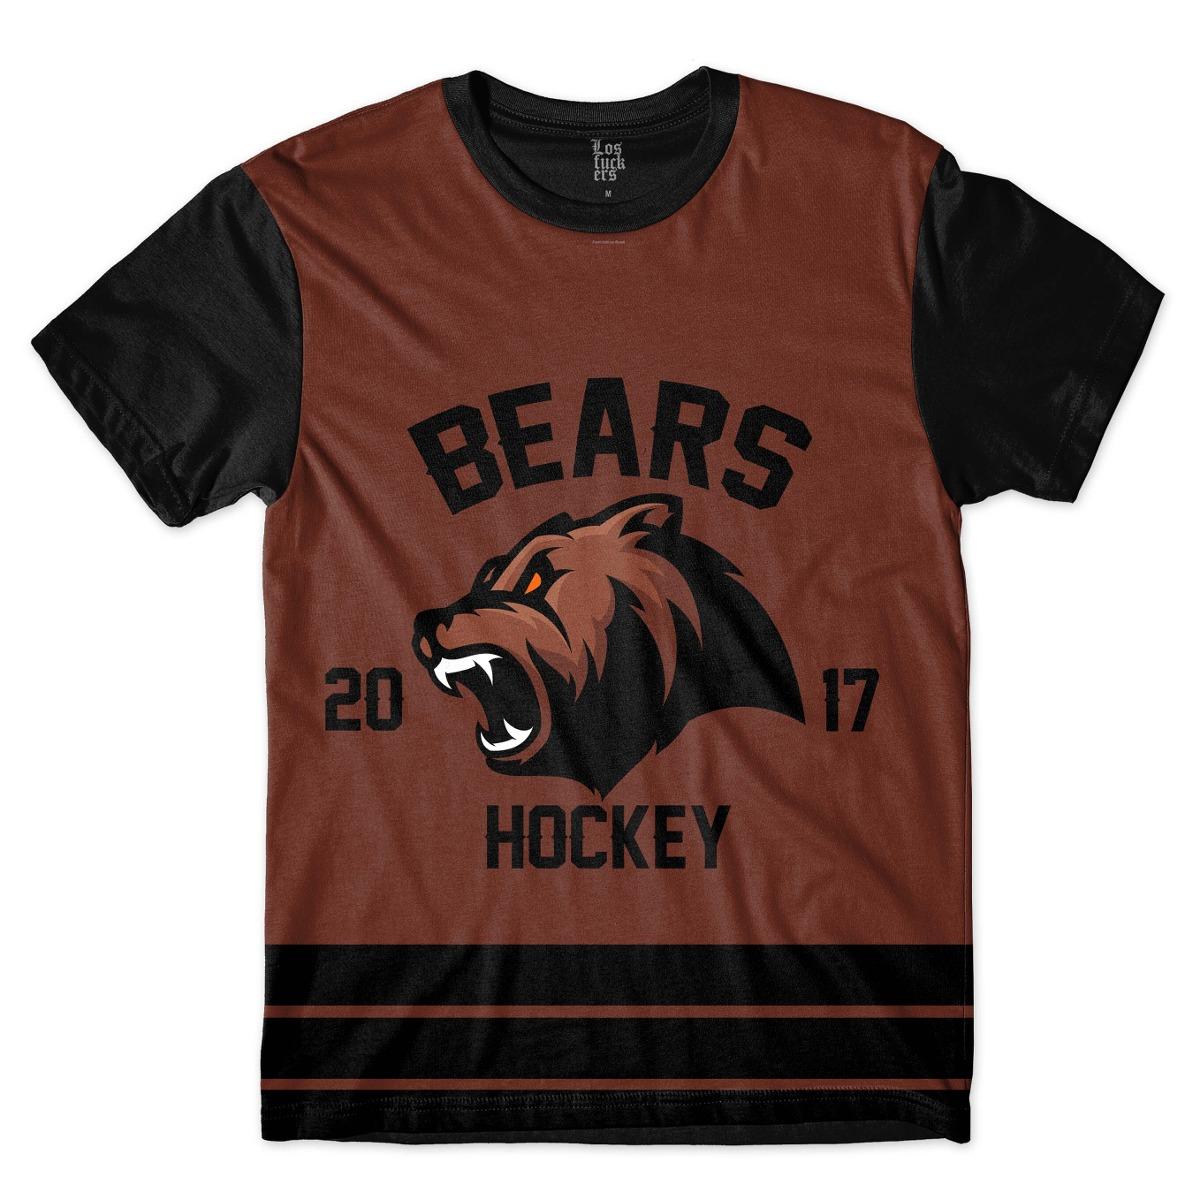 camisa camiseta equipe de hockey bears urso macote time full. Carregando  zoom. b0cd0a9361554